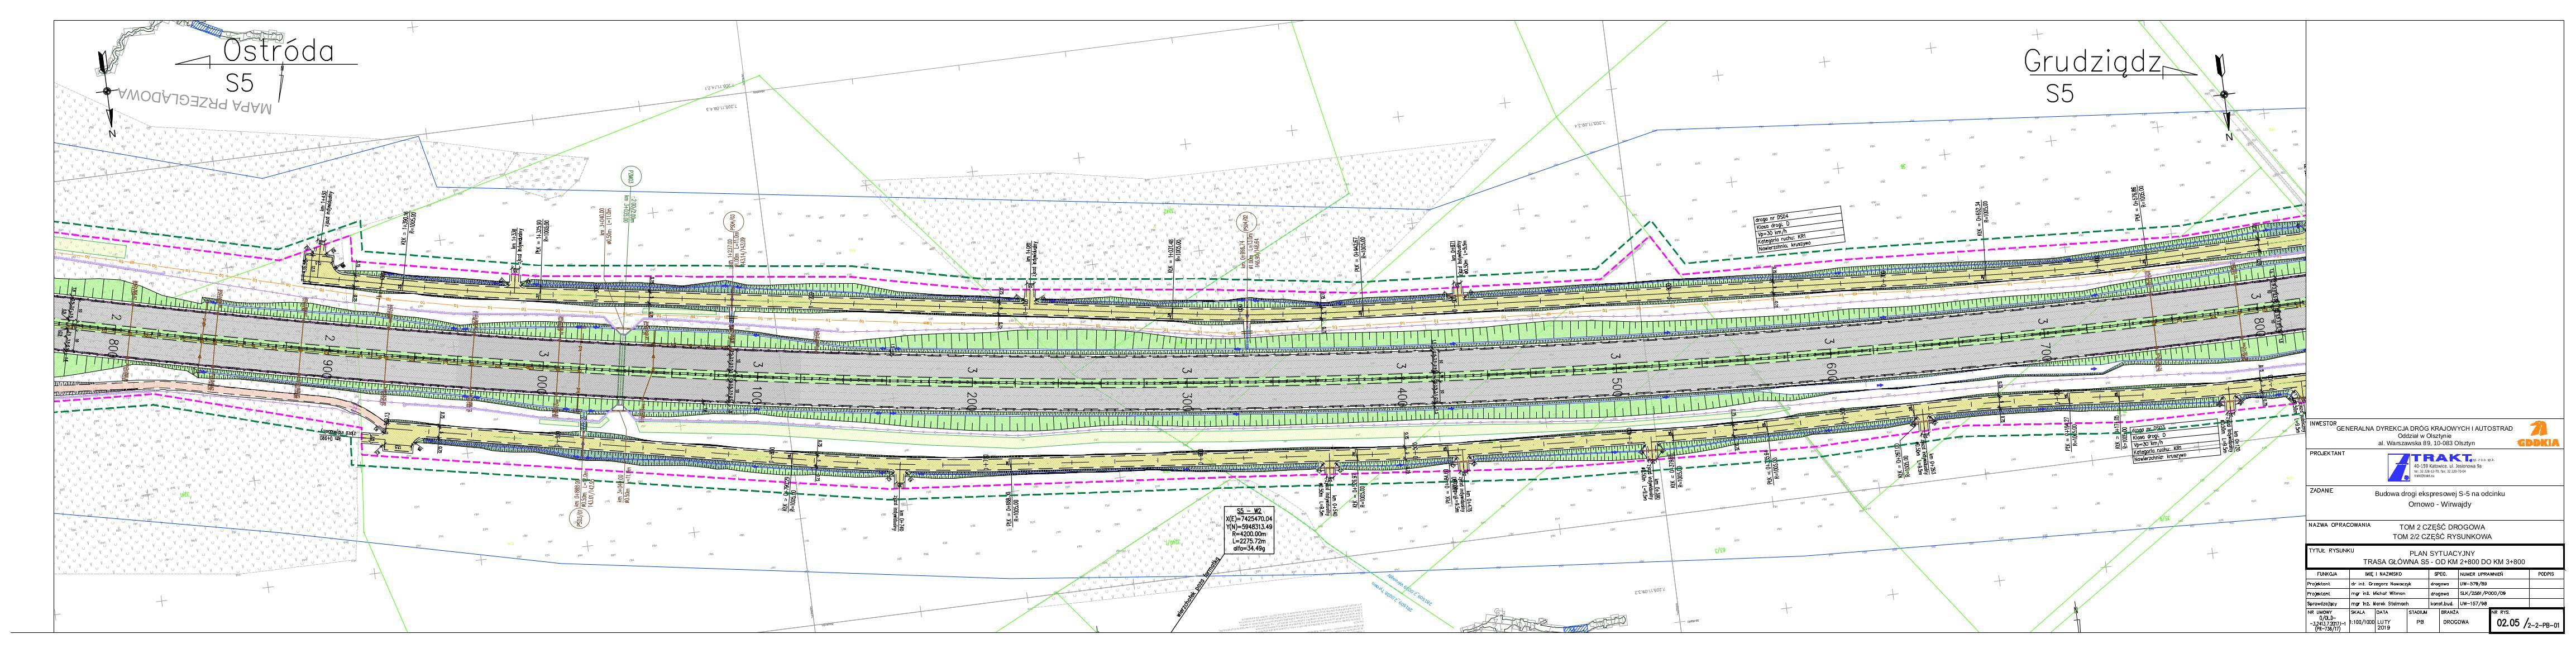 02.05 Plan sytuacyjny. Trasa główna S5 – od km 2+800 do km 3+800_20190219